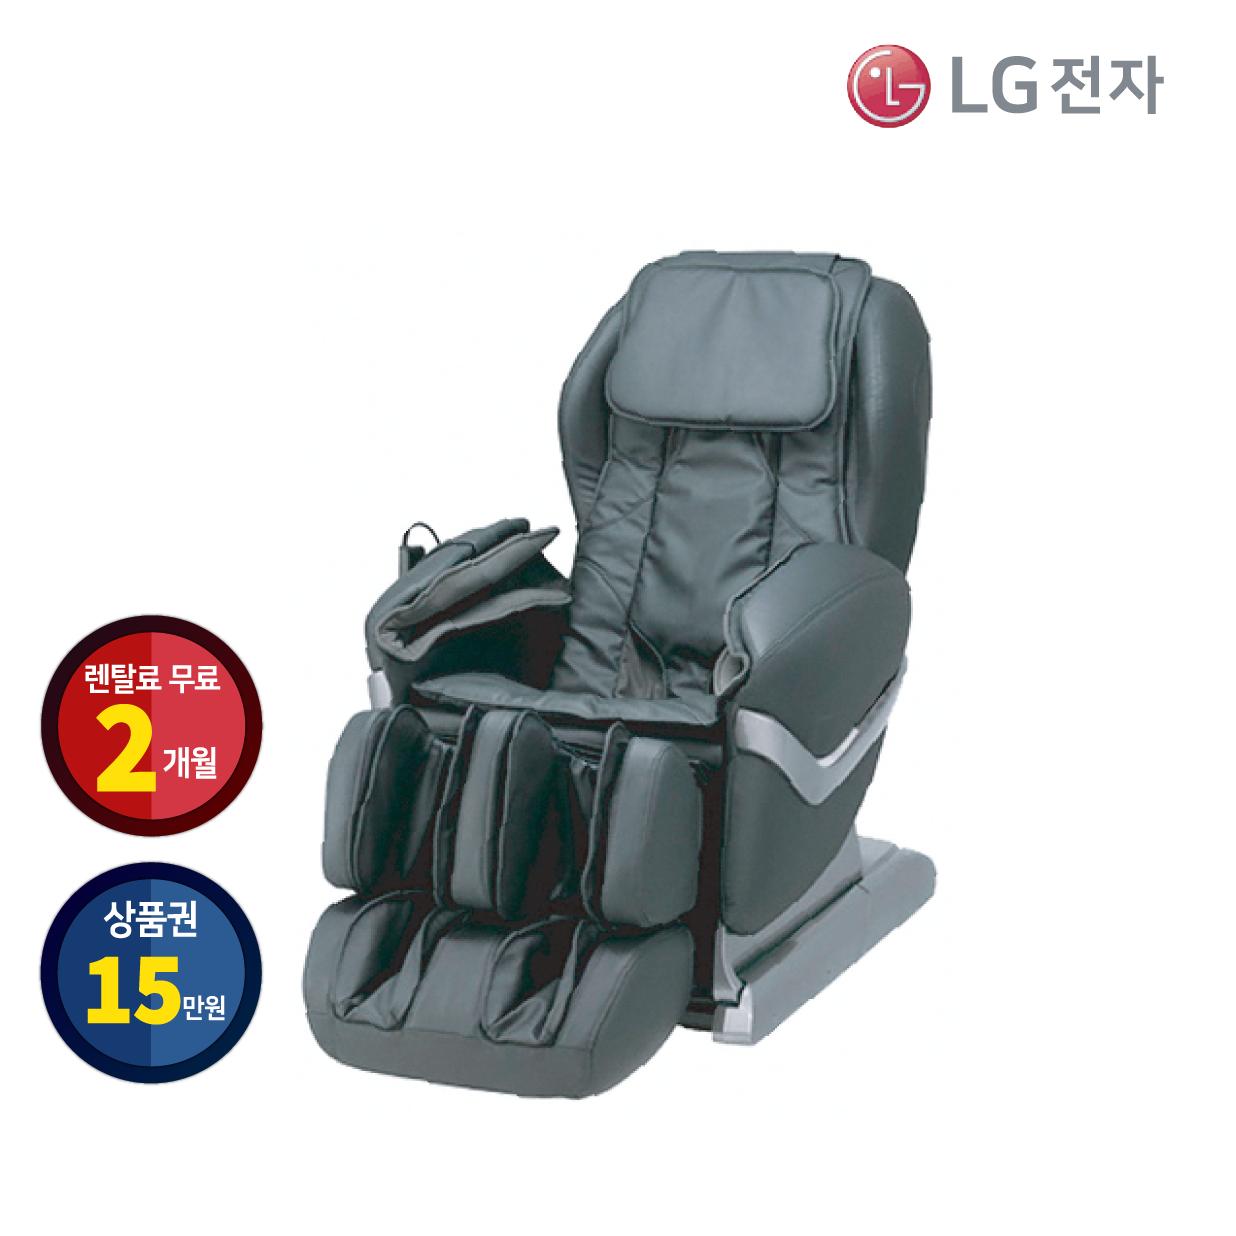 LG전자 바디핏 안마의자 렌탈 BM300RBR 월 41900원